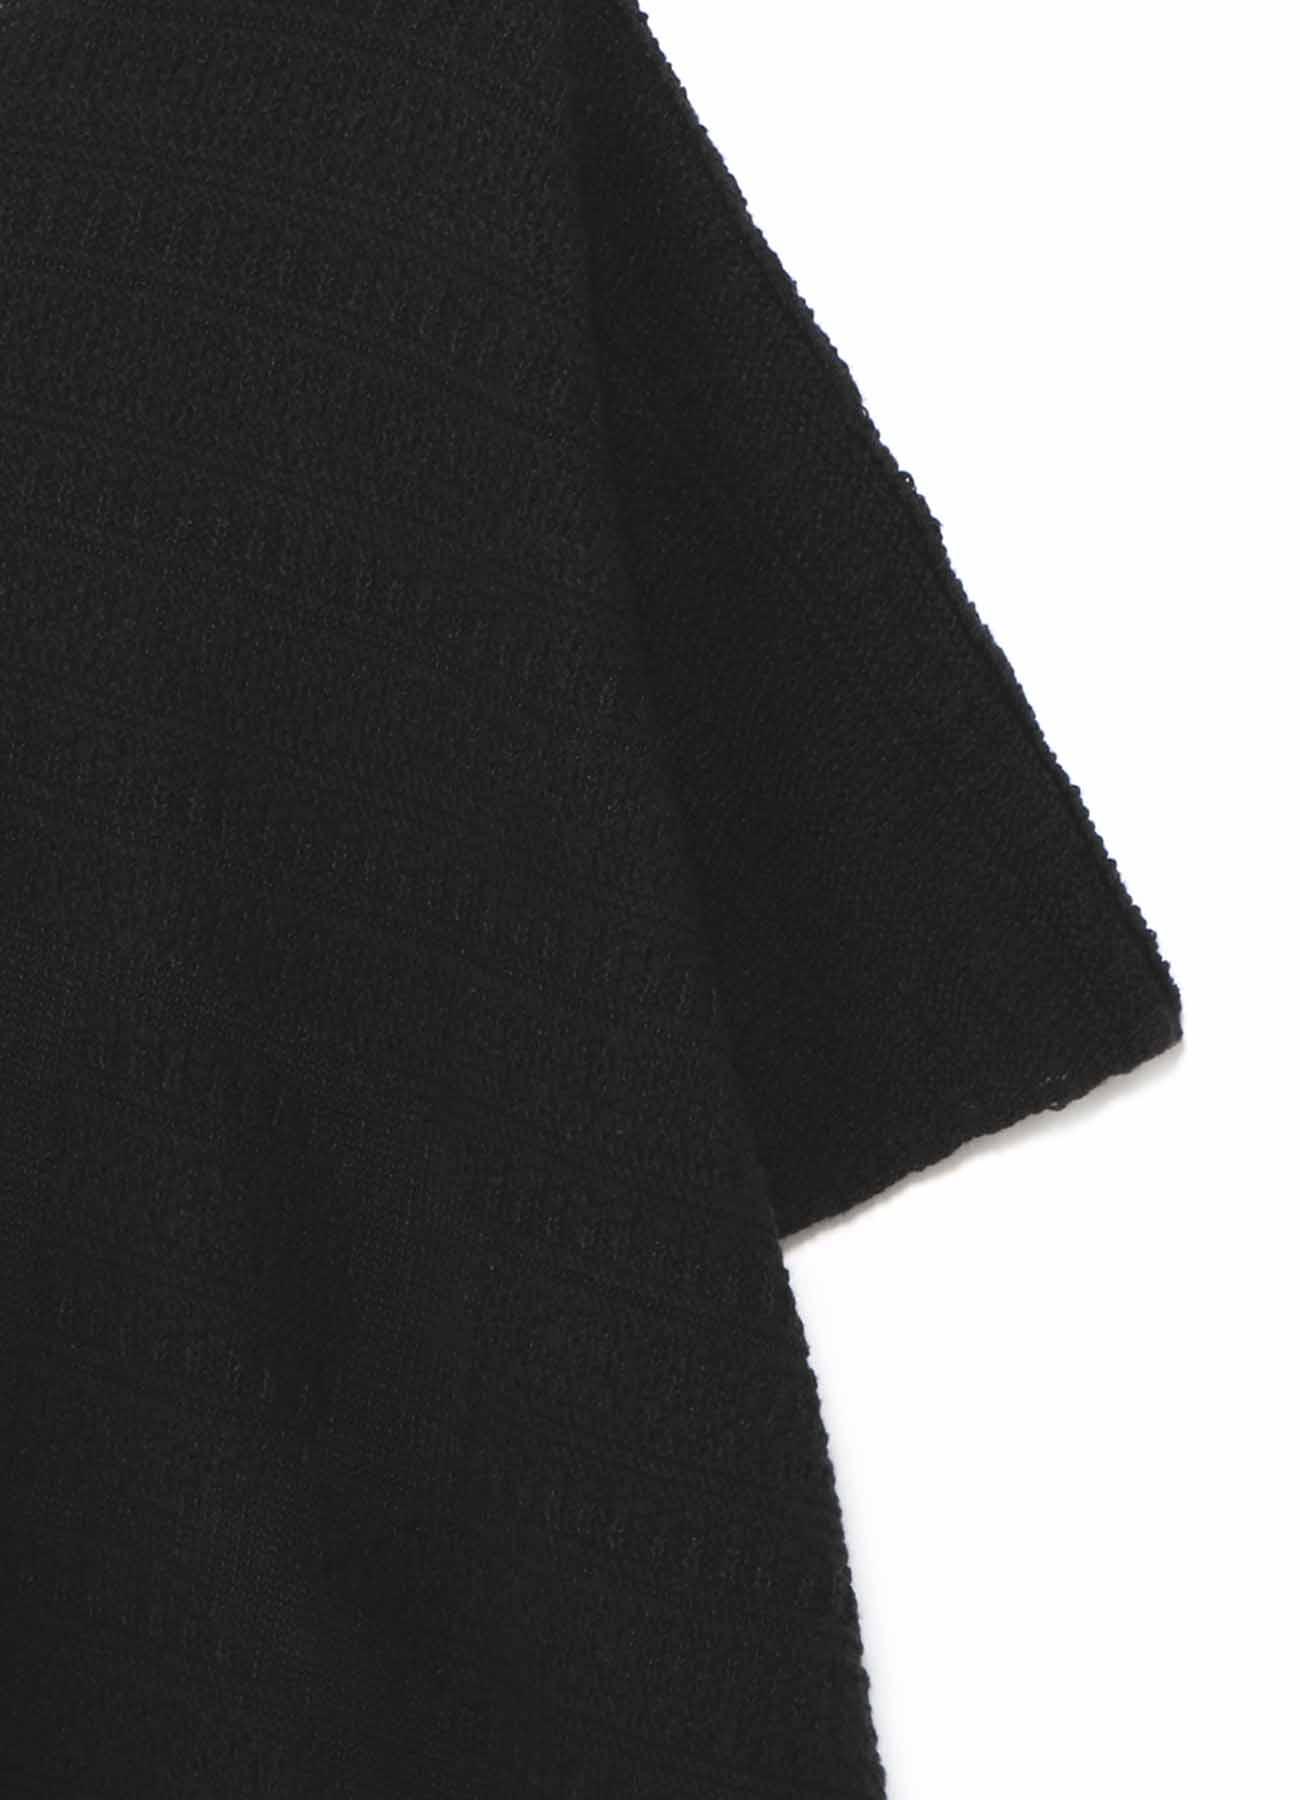 7Gプレーティングジャカード 半袖B柄ニット